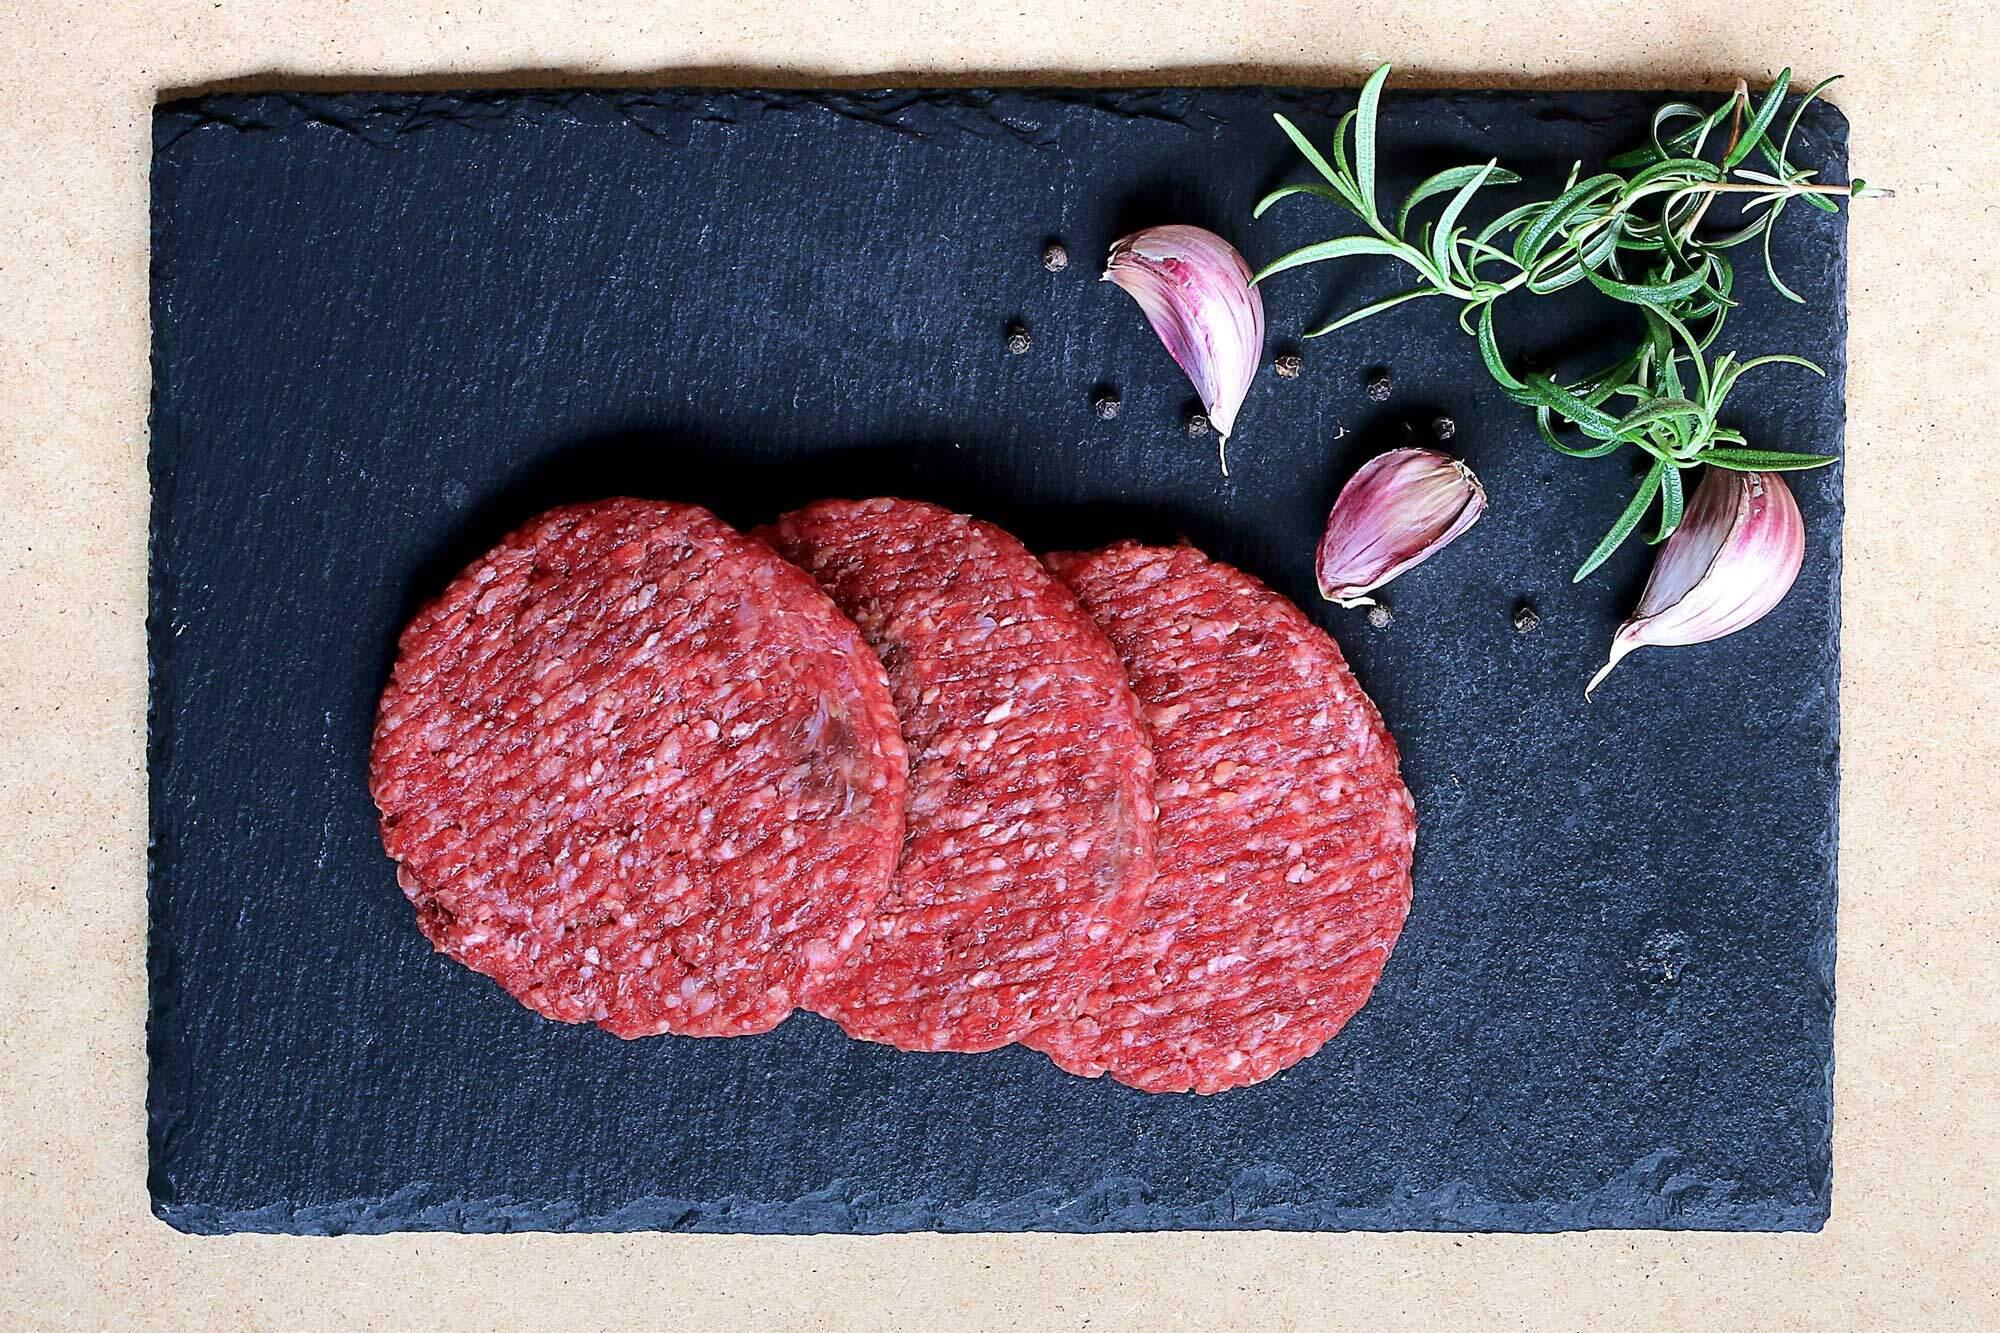 MariosItalian Deli - Salisbury Steak